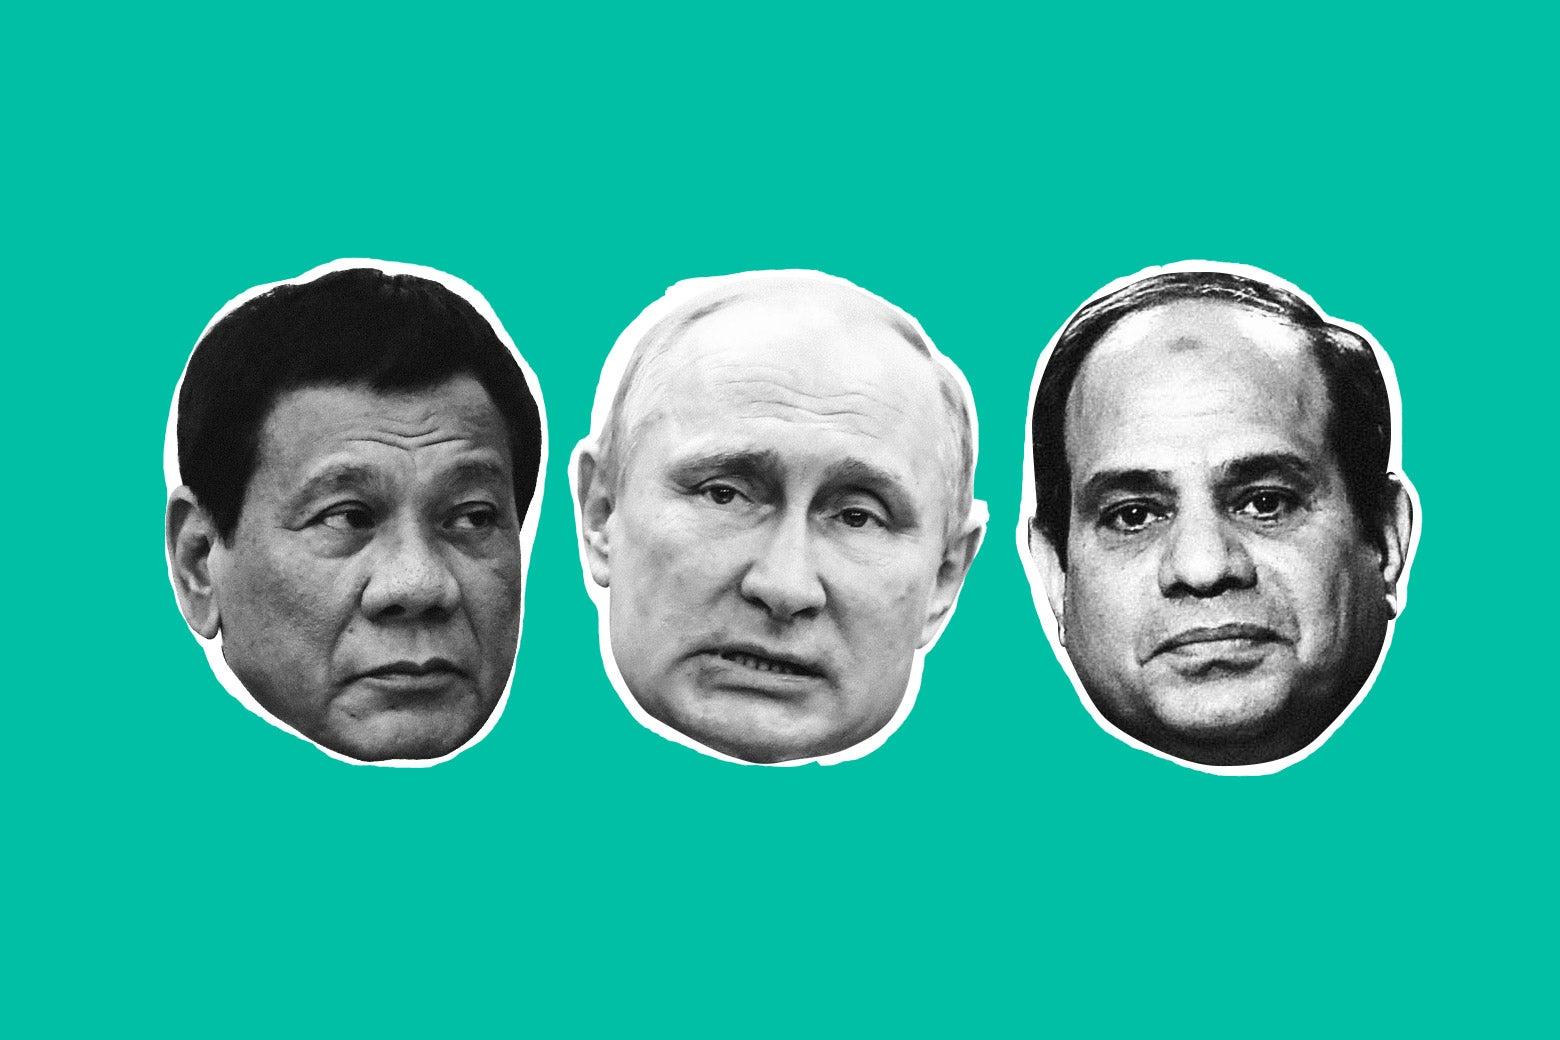 Philippine President Rodrigo Duterte, Russian President Vladimir Putin, and Egyptian President Abdel Fattah el-Sisi.